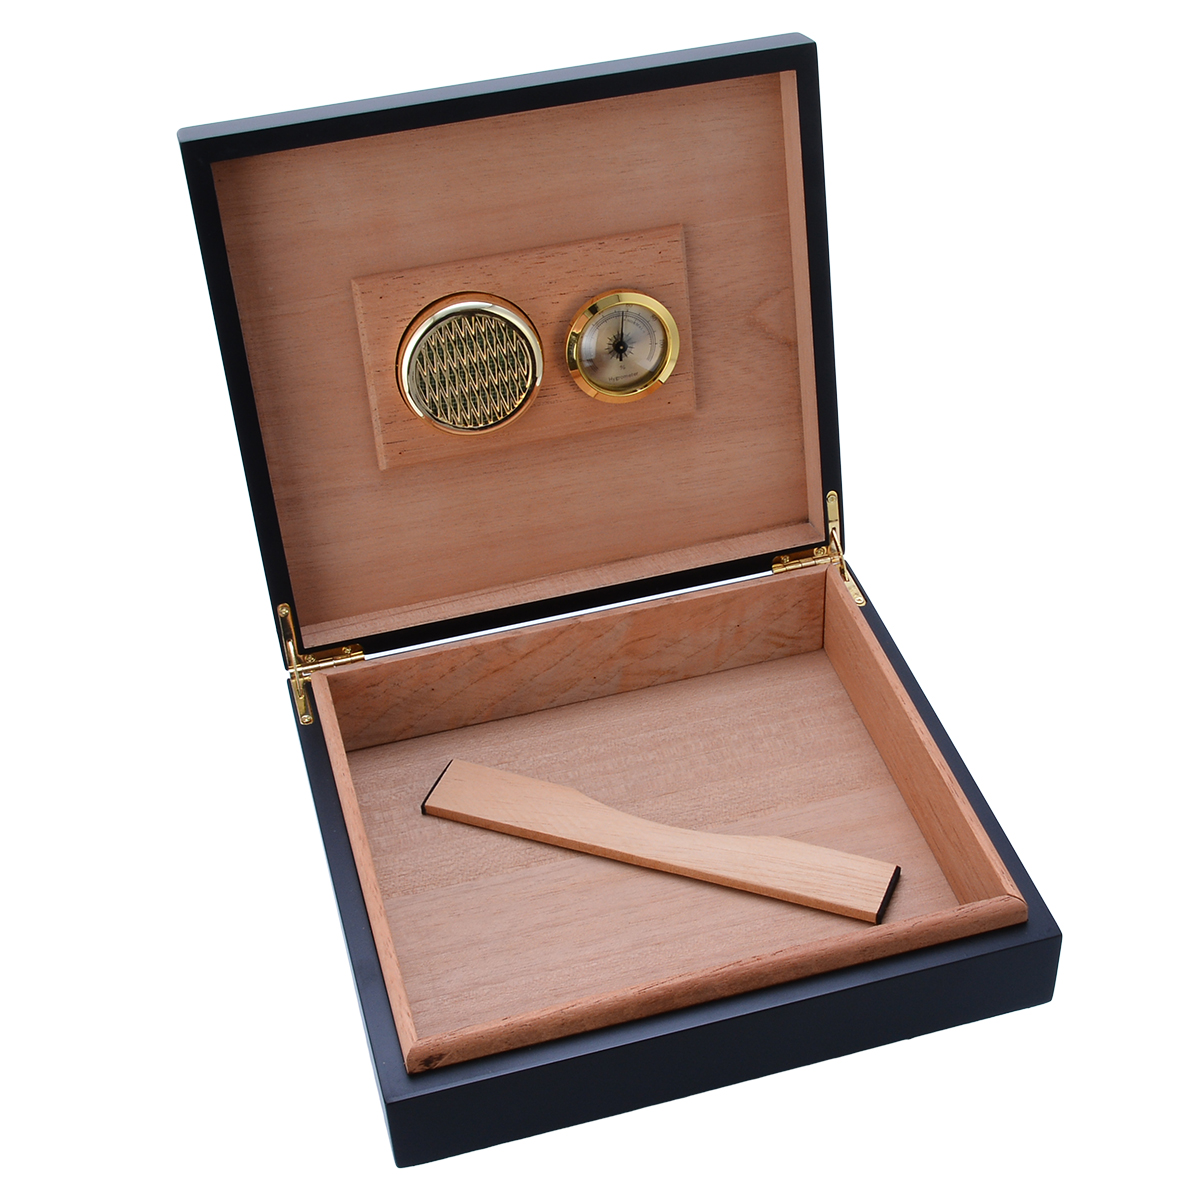 Aimants en bois pour cave à cigares hygromètre humidificateur Cohiba étui pour cigares boîte de noël pour voyage